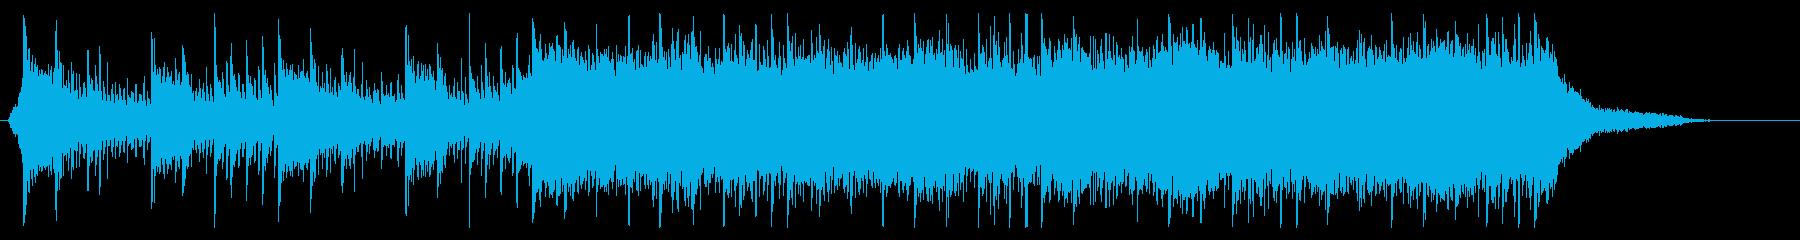 壮大でシリアスな迫力あるトレーラーBGMの再生済みの波形